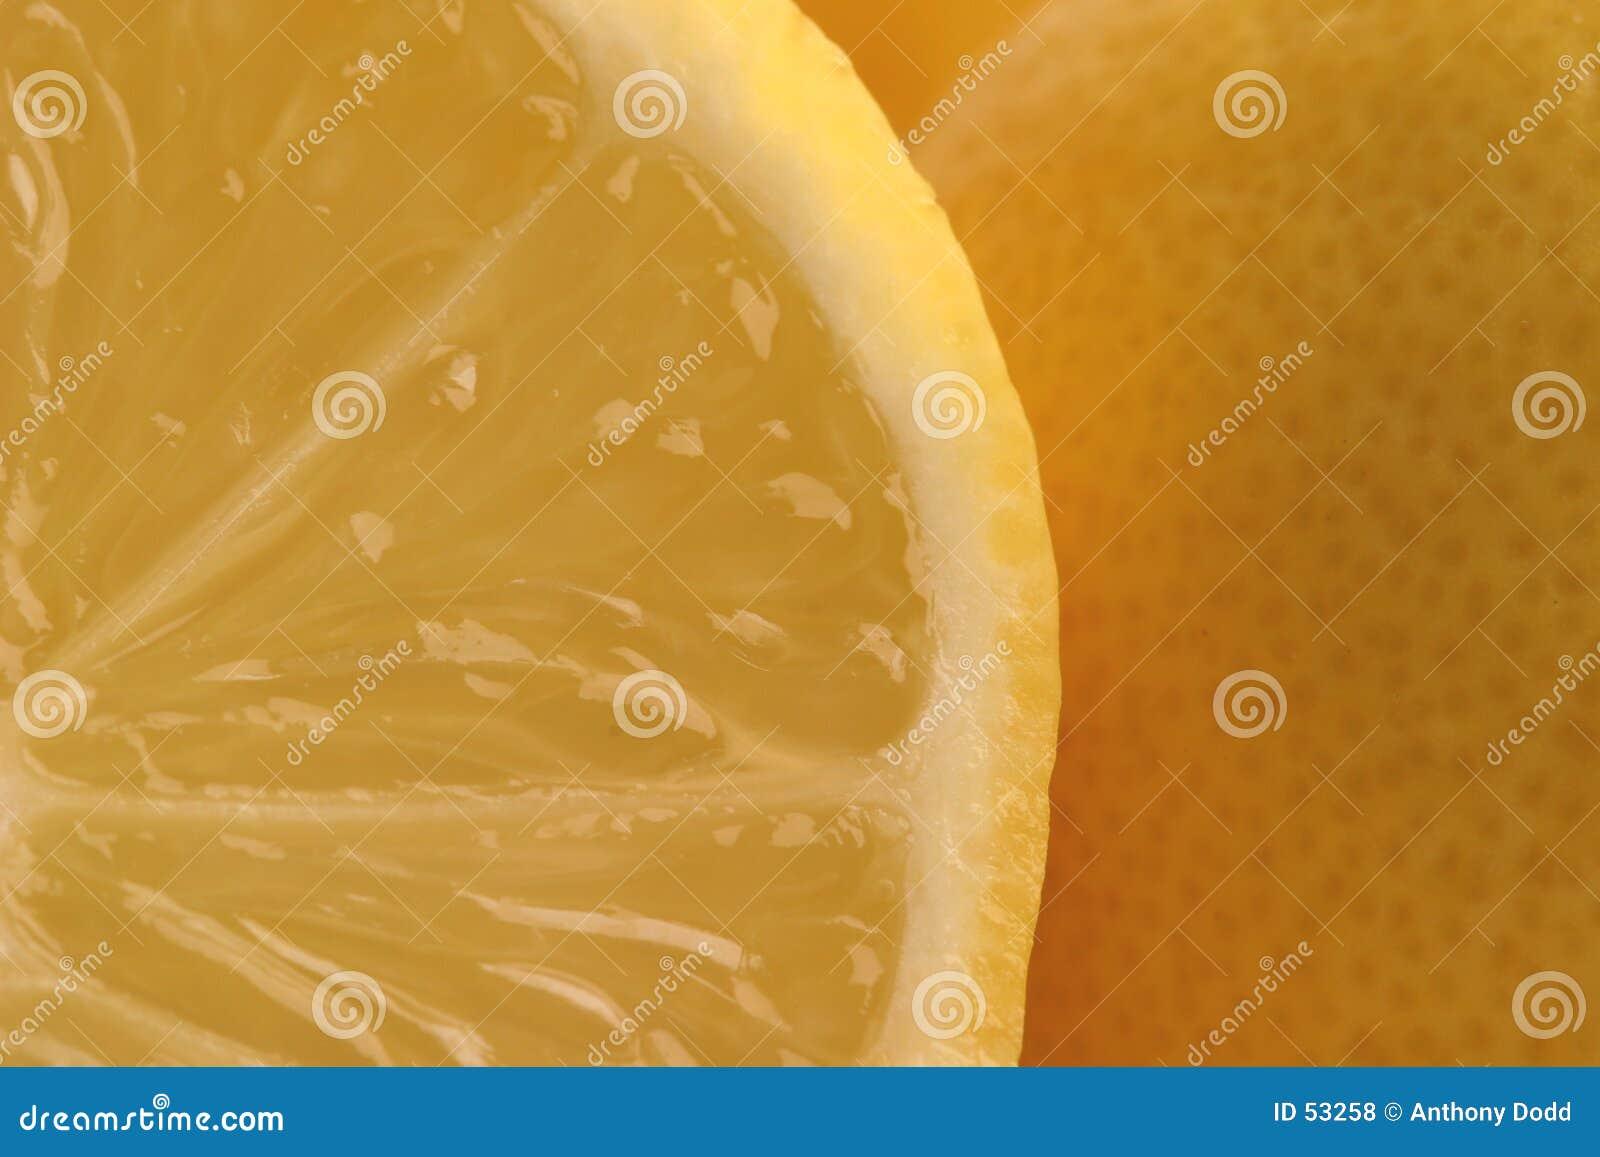 Segmenti del limone